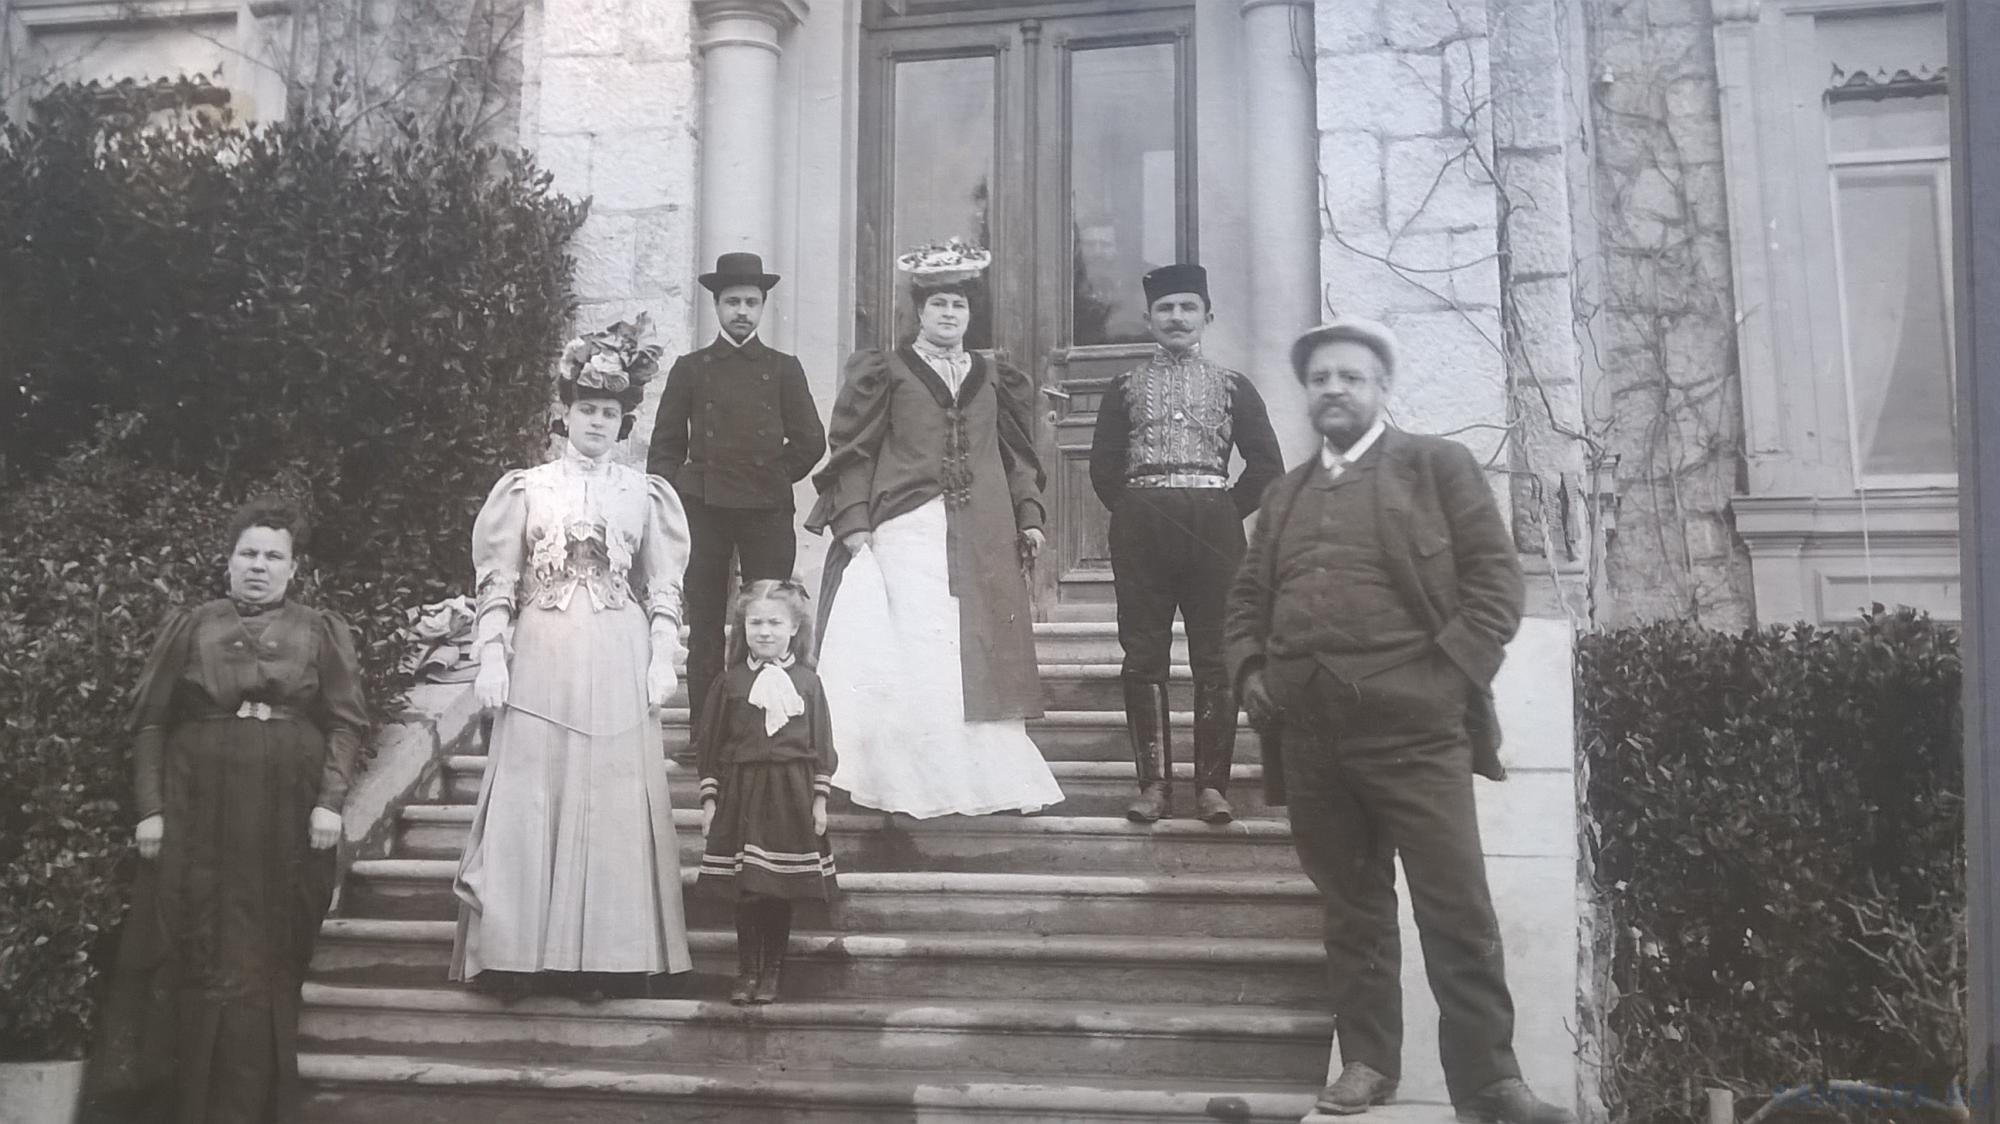 Семья чиновника возле Ливадийского дворца